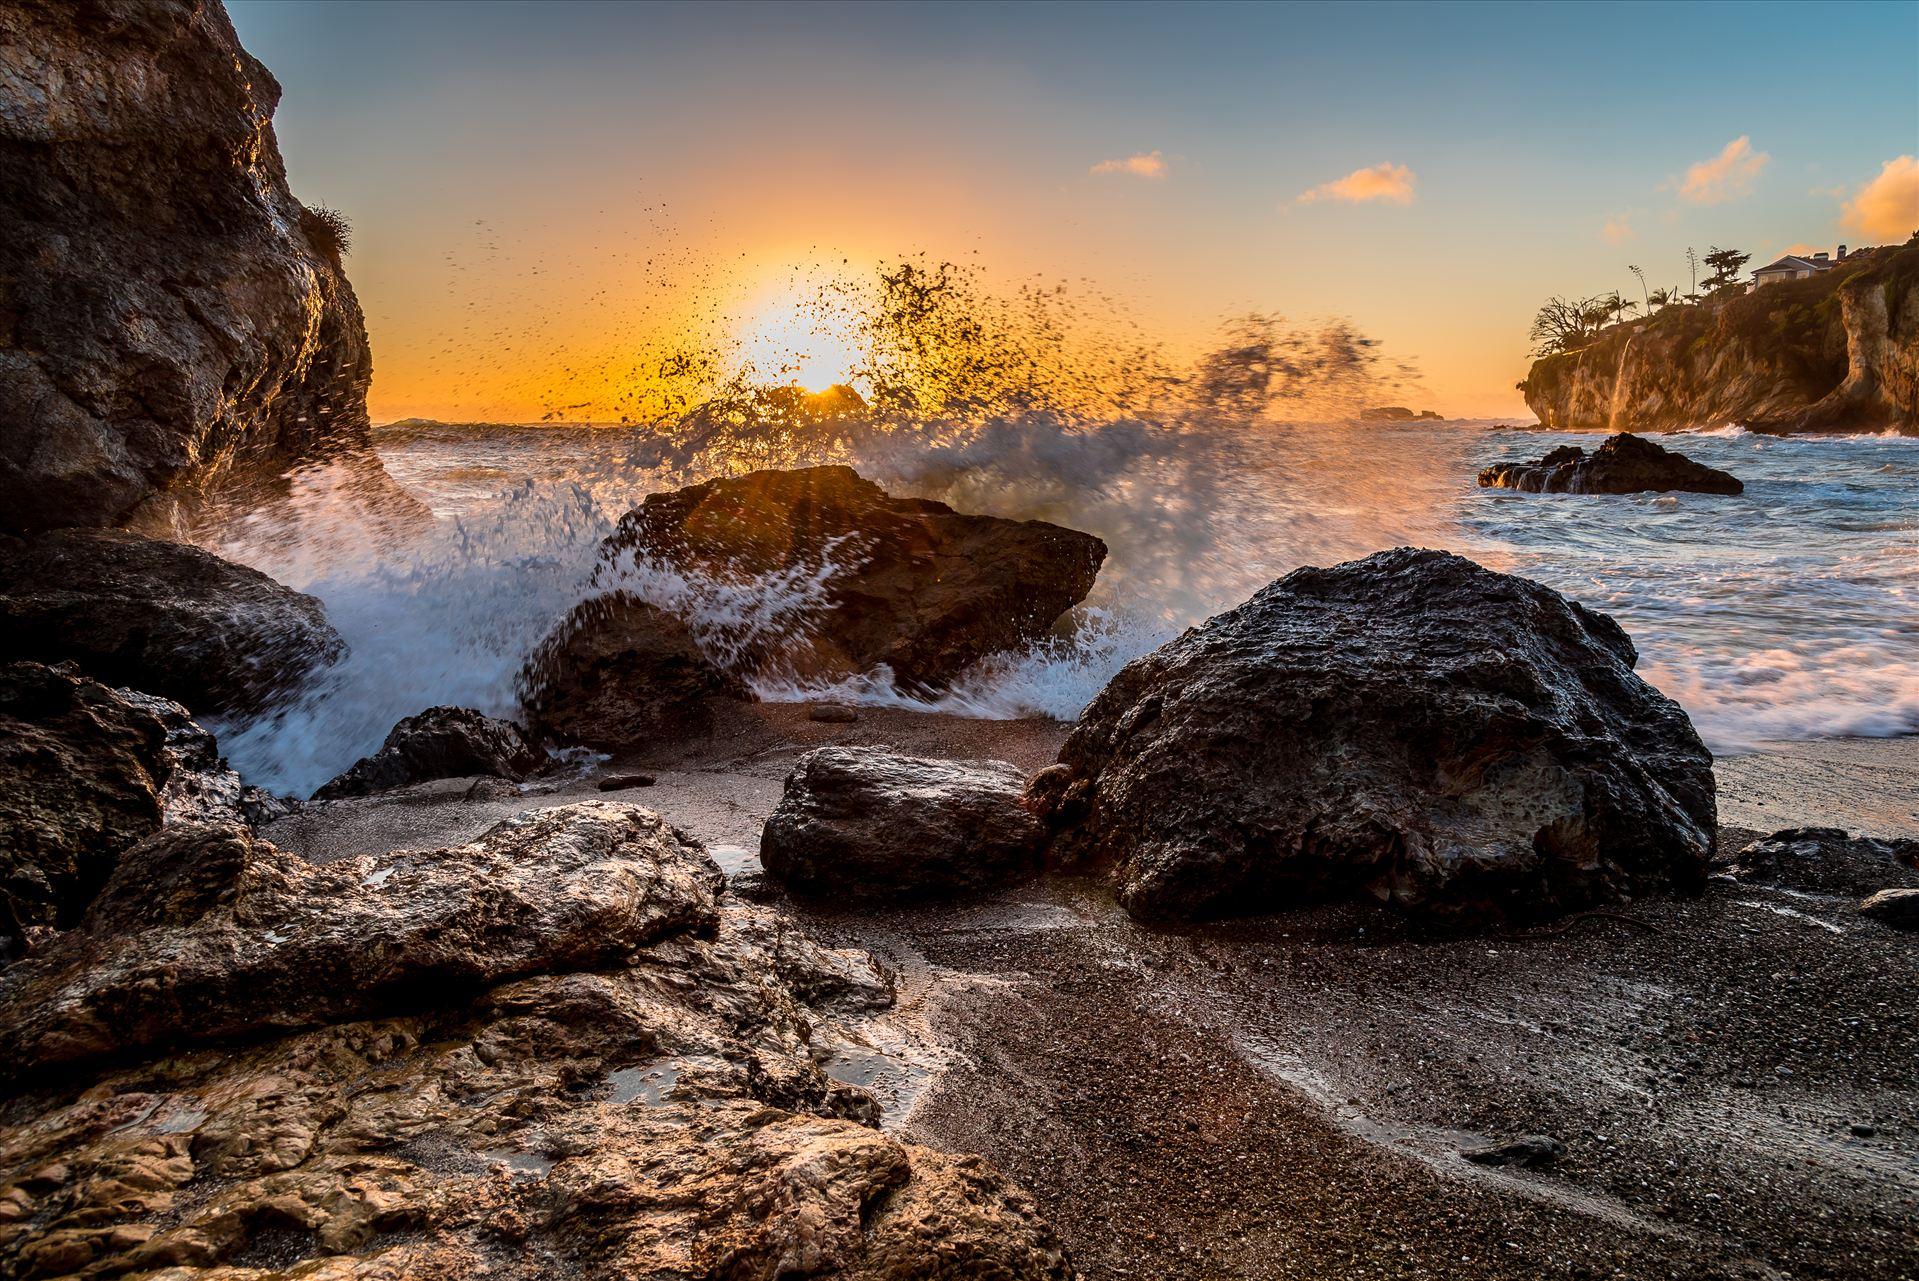 Gazebo Cove Wave Splash.jpg  by Sarah Williams